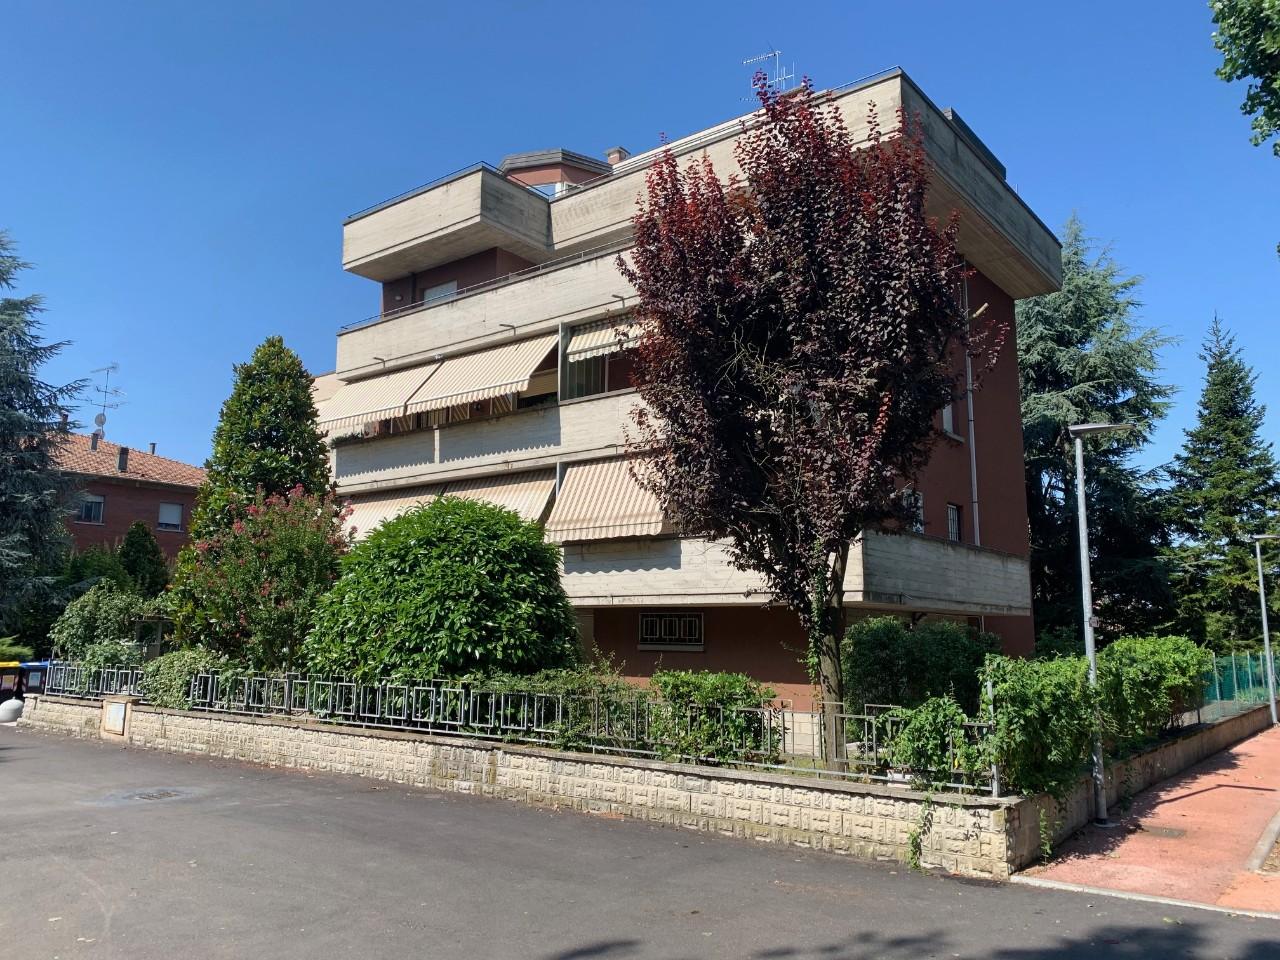 affitto appartamento Castel Maggiore